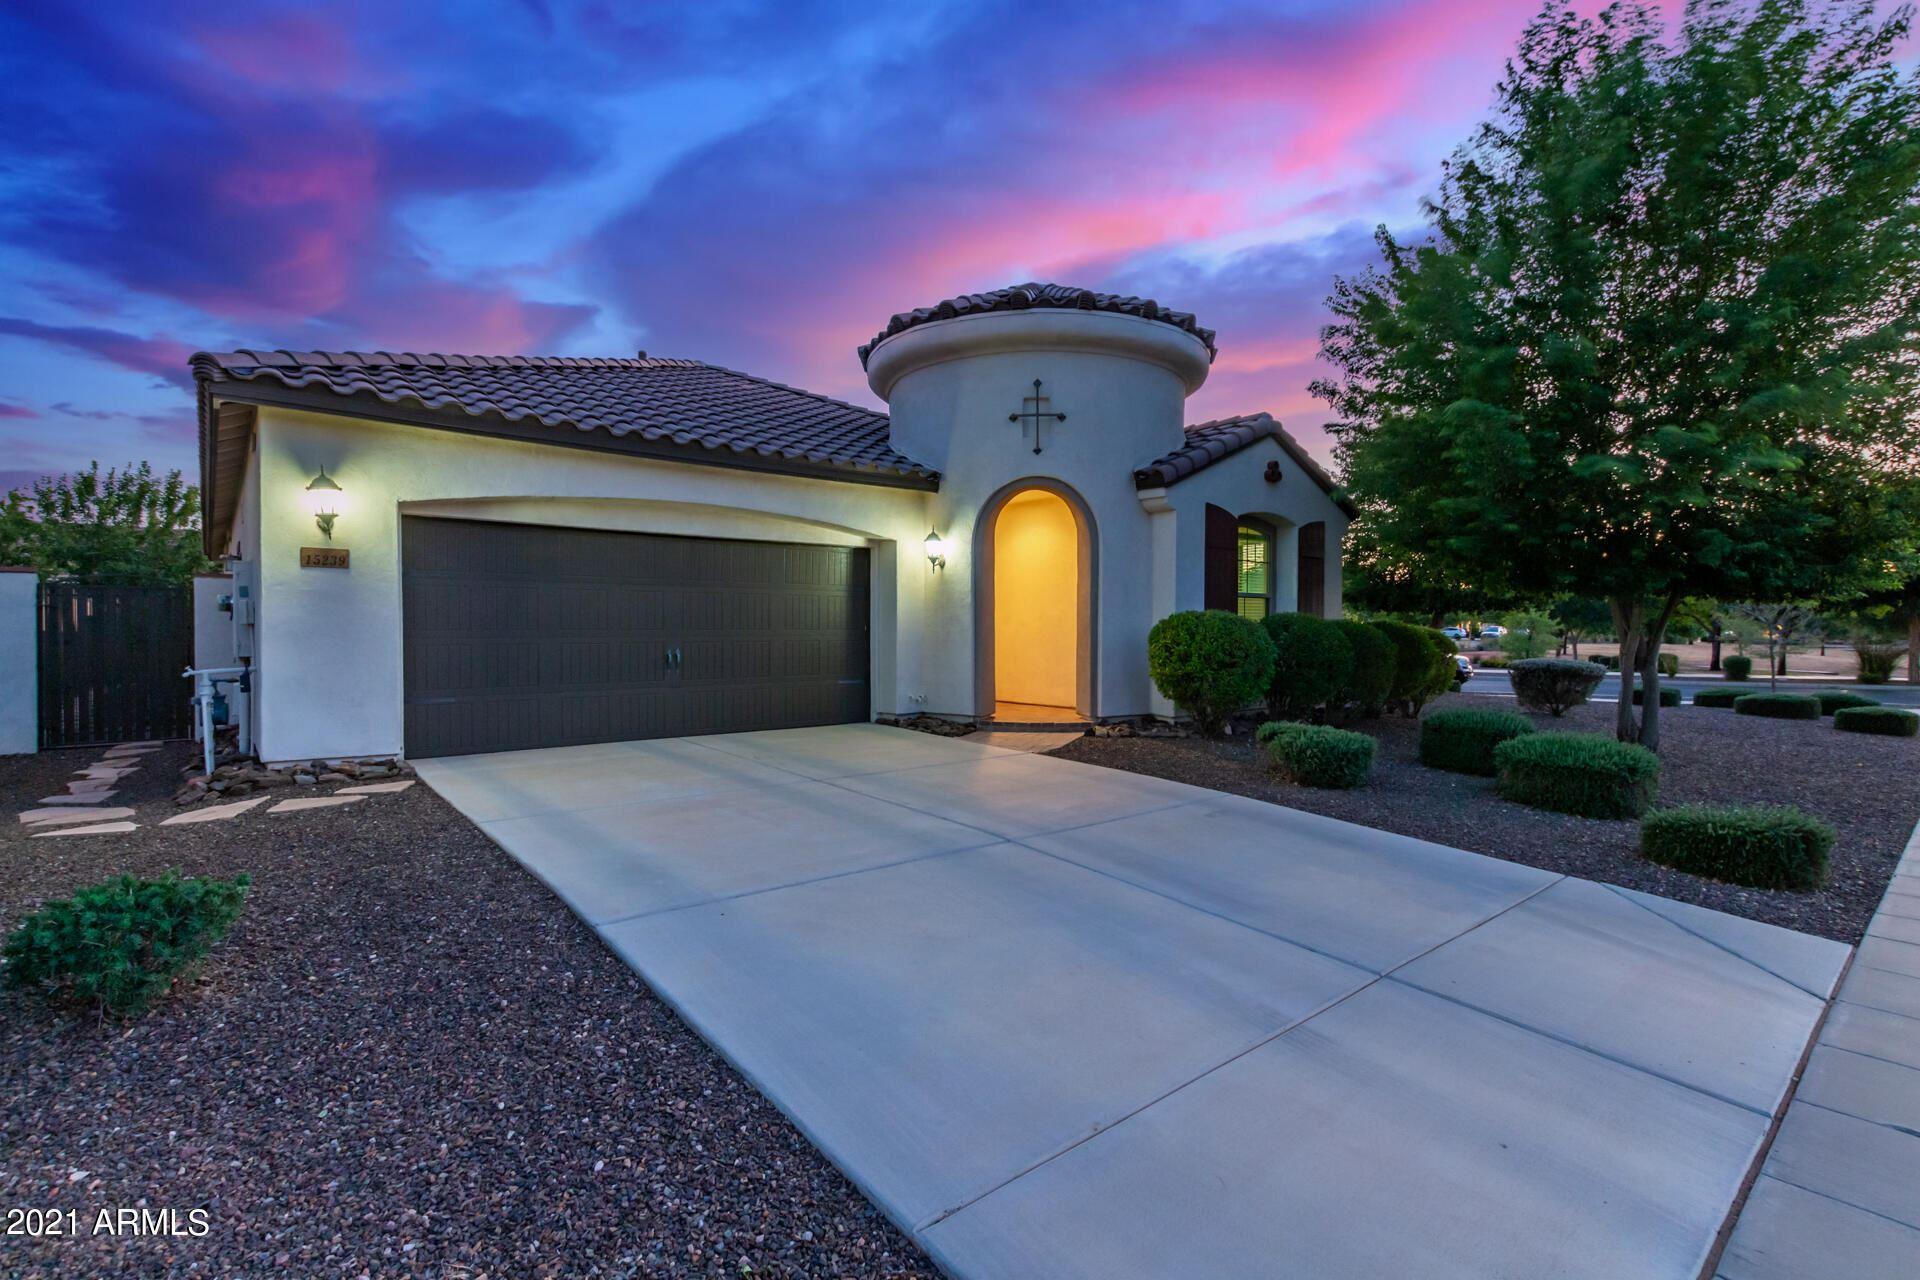 Photo of 15239 W Bloomfield Road, Surprise, AZ 85379 (MLS # 6307072)